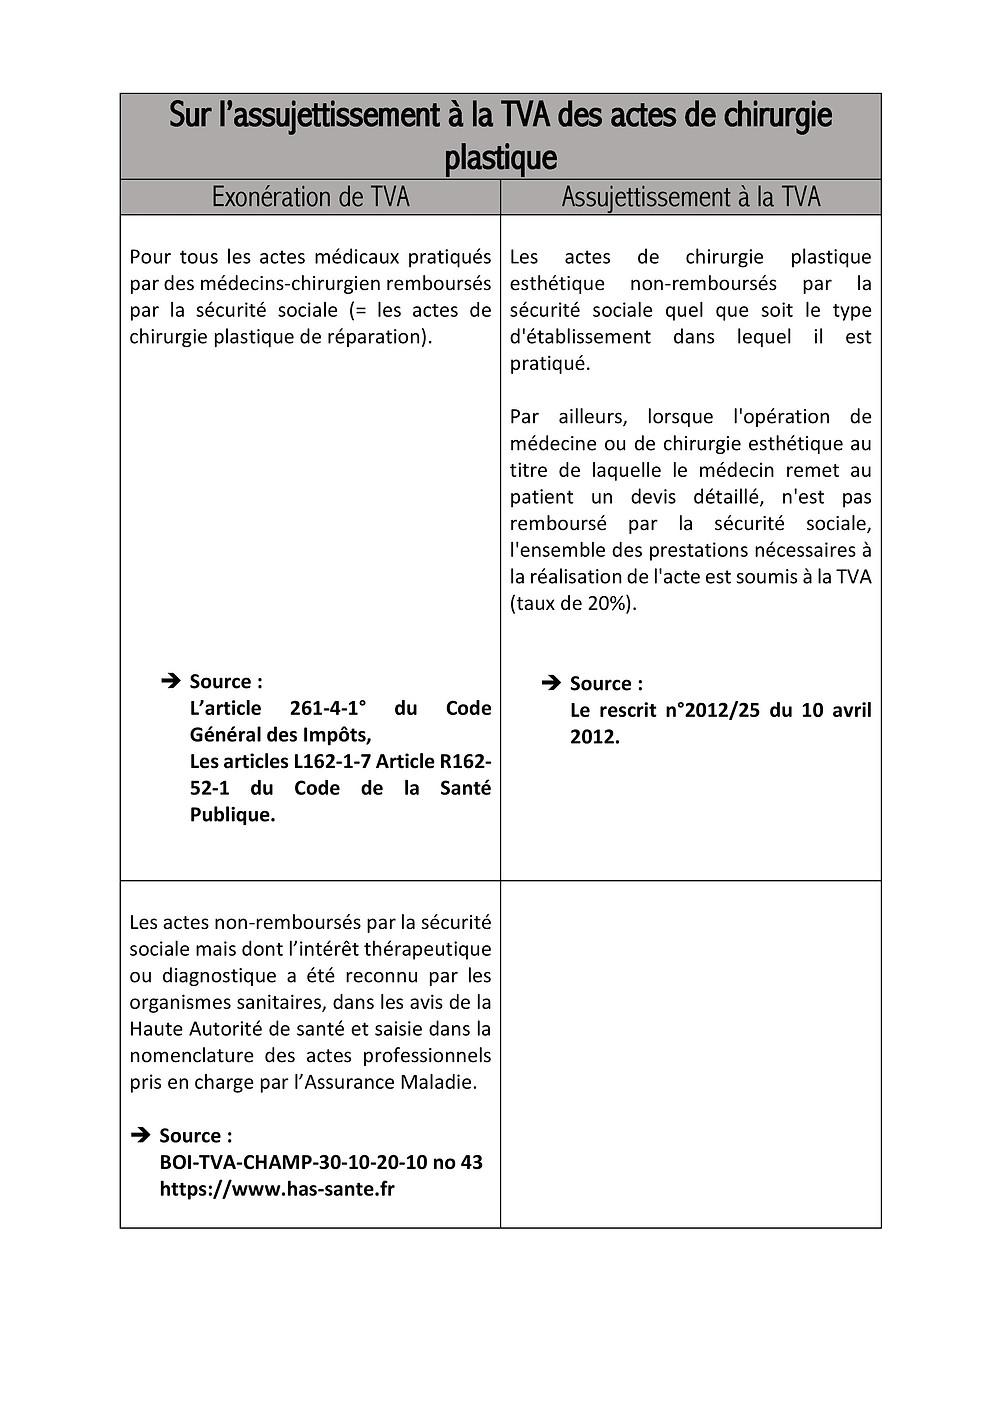 tableau exonération assujettissement TVA acte chirurgie plastique esthétique répatrice actes médicaux remboursement sécurité sociale code de la santé publique code général des impôts CGI CSP